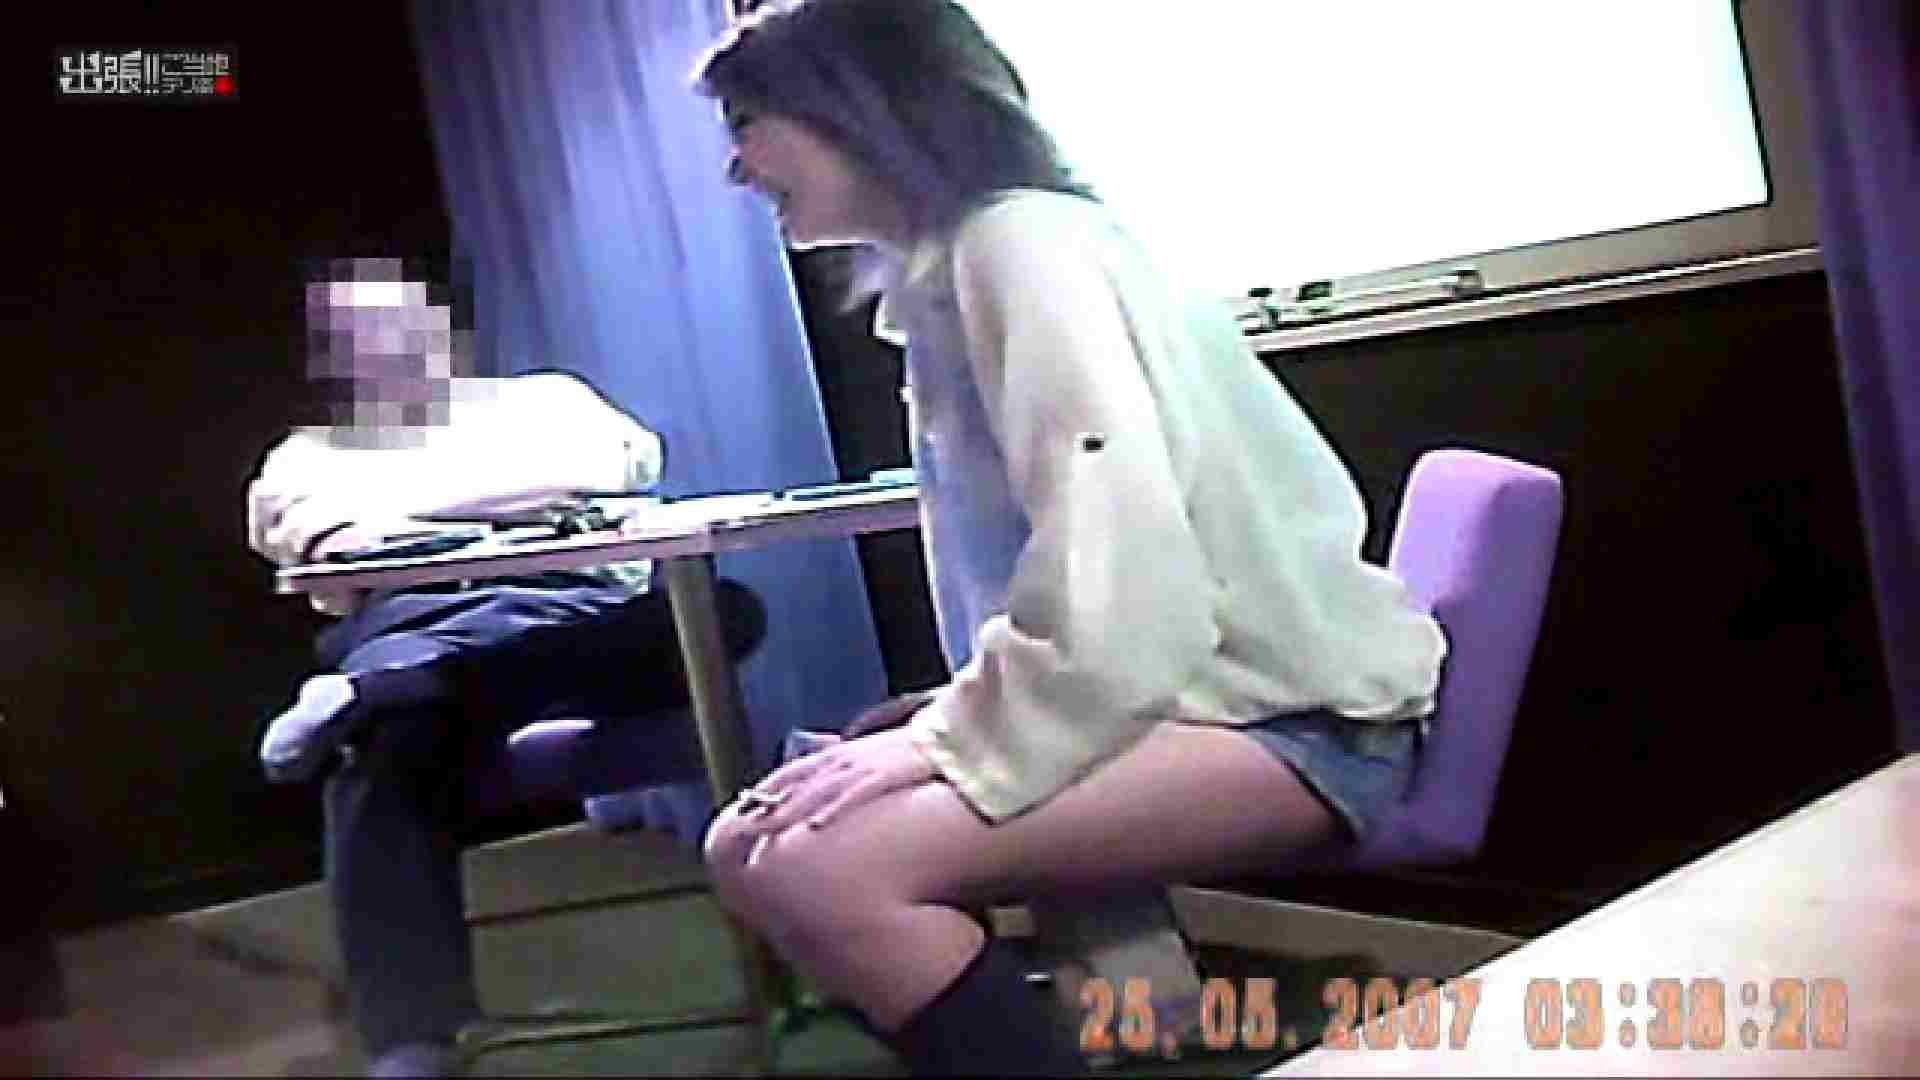 出張リーマンのデリ嬢隠し撮り第3弾vol.5 セックス映像 | 投稿映像  82pic 29